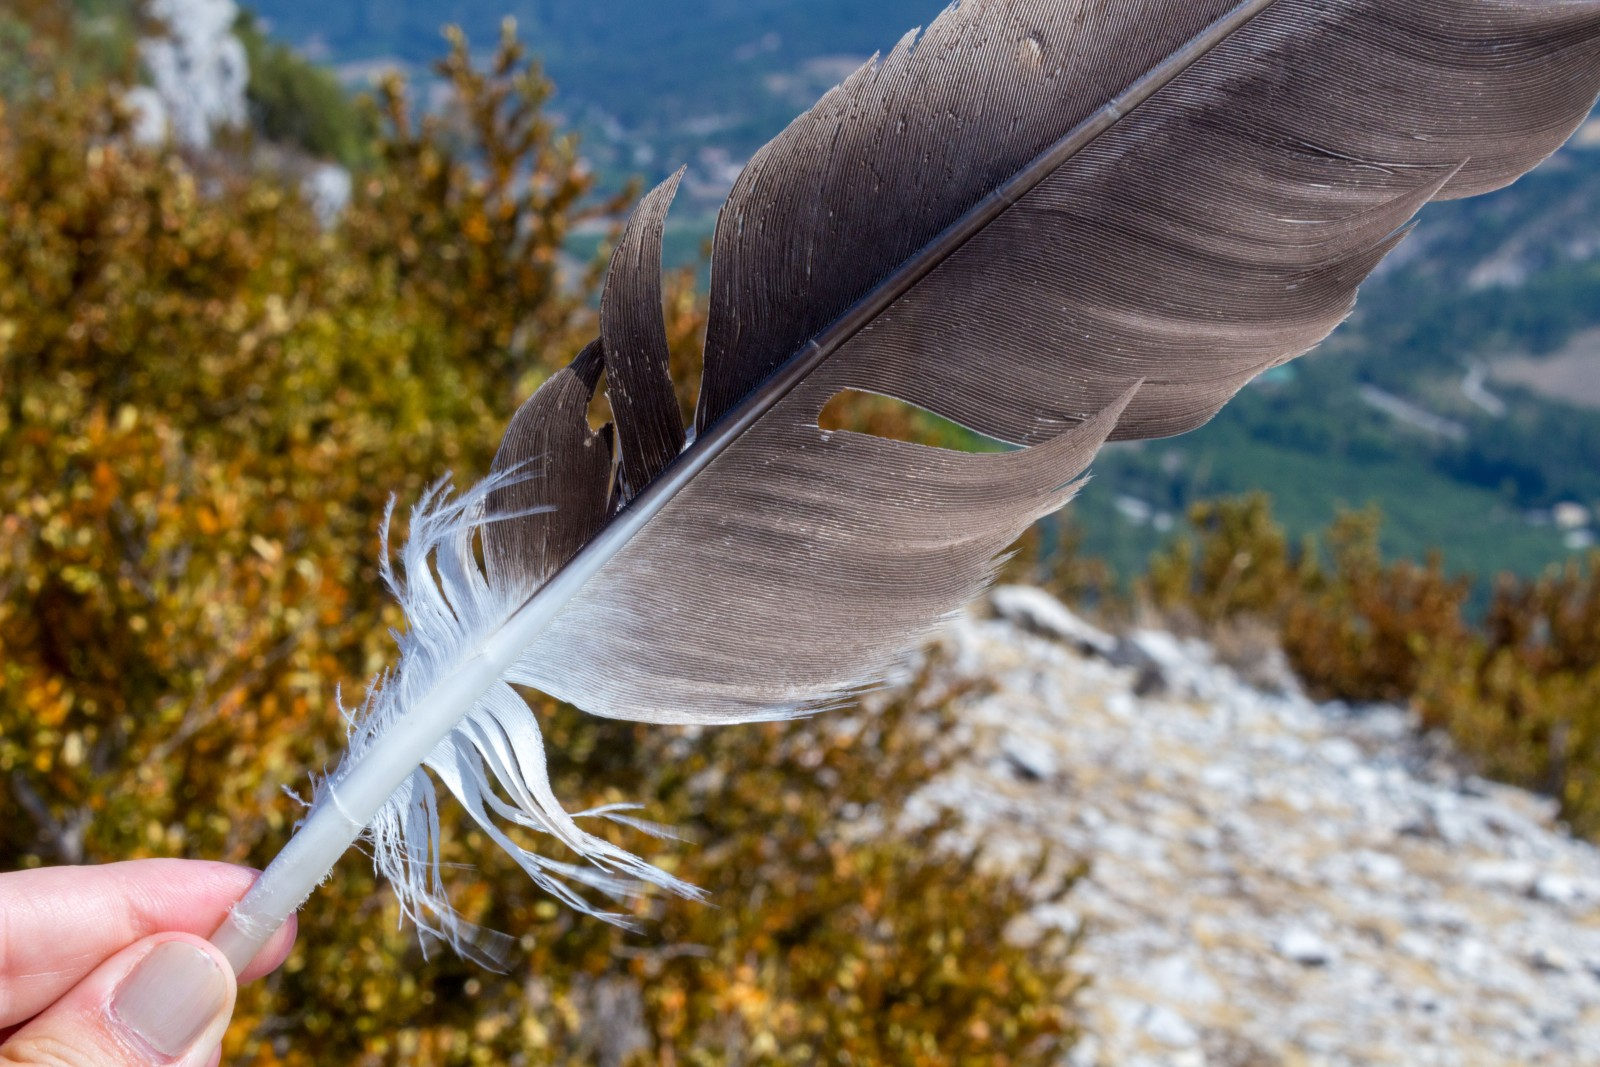 sortie vautours drome